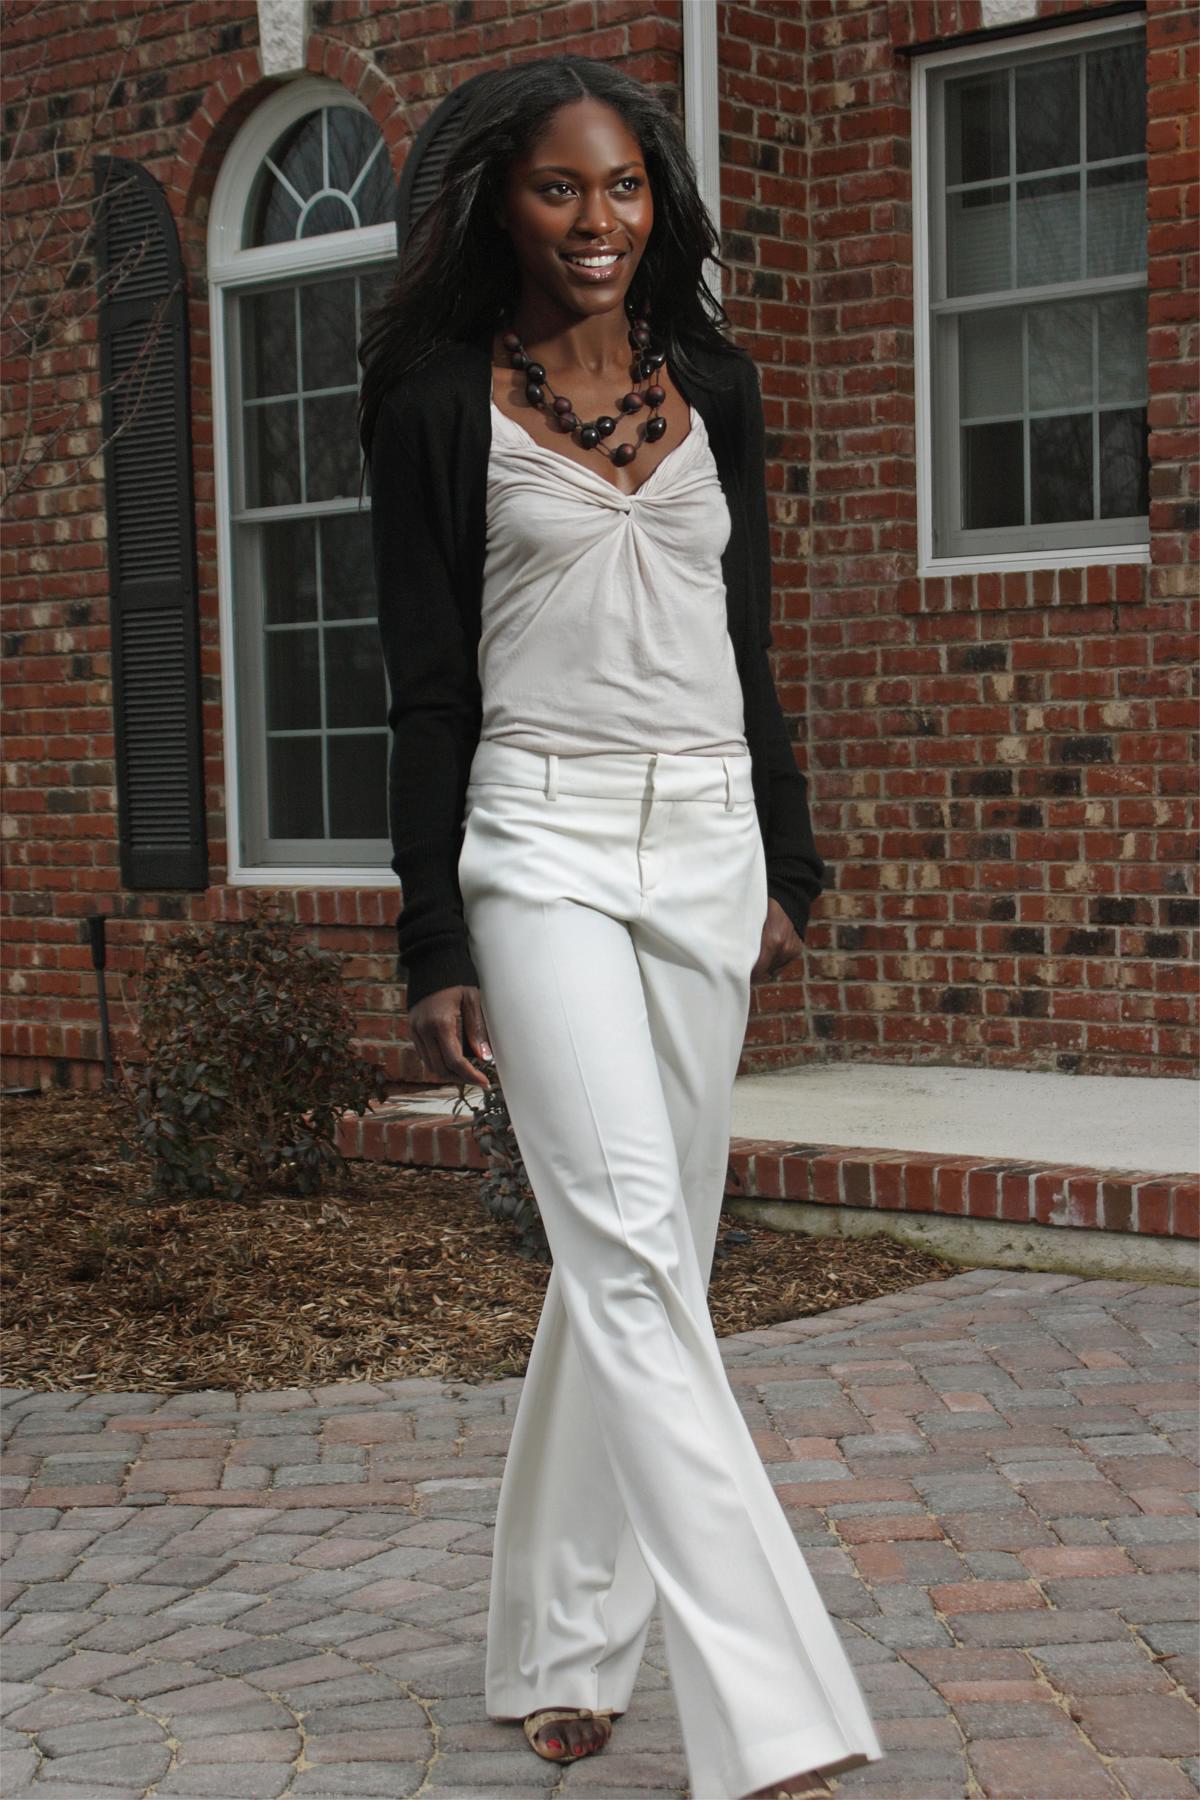 Andrea Fenise Memphis Fashion Blogger interviews Aeshia Devore Branch of Pretty Girls Sweat